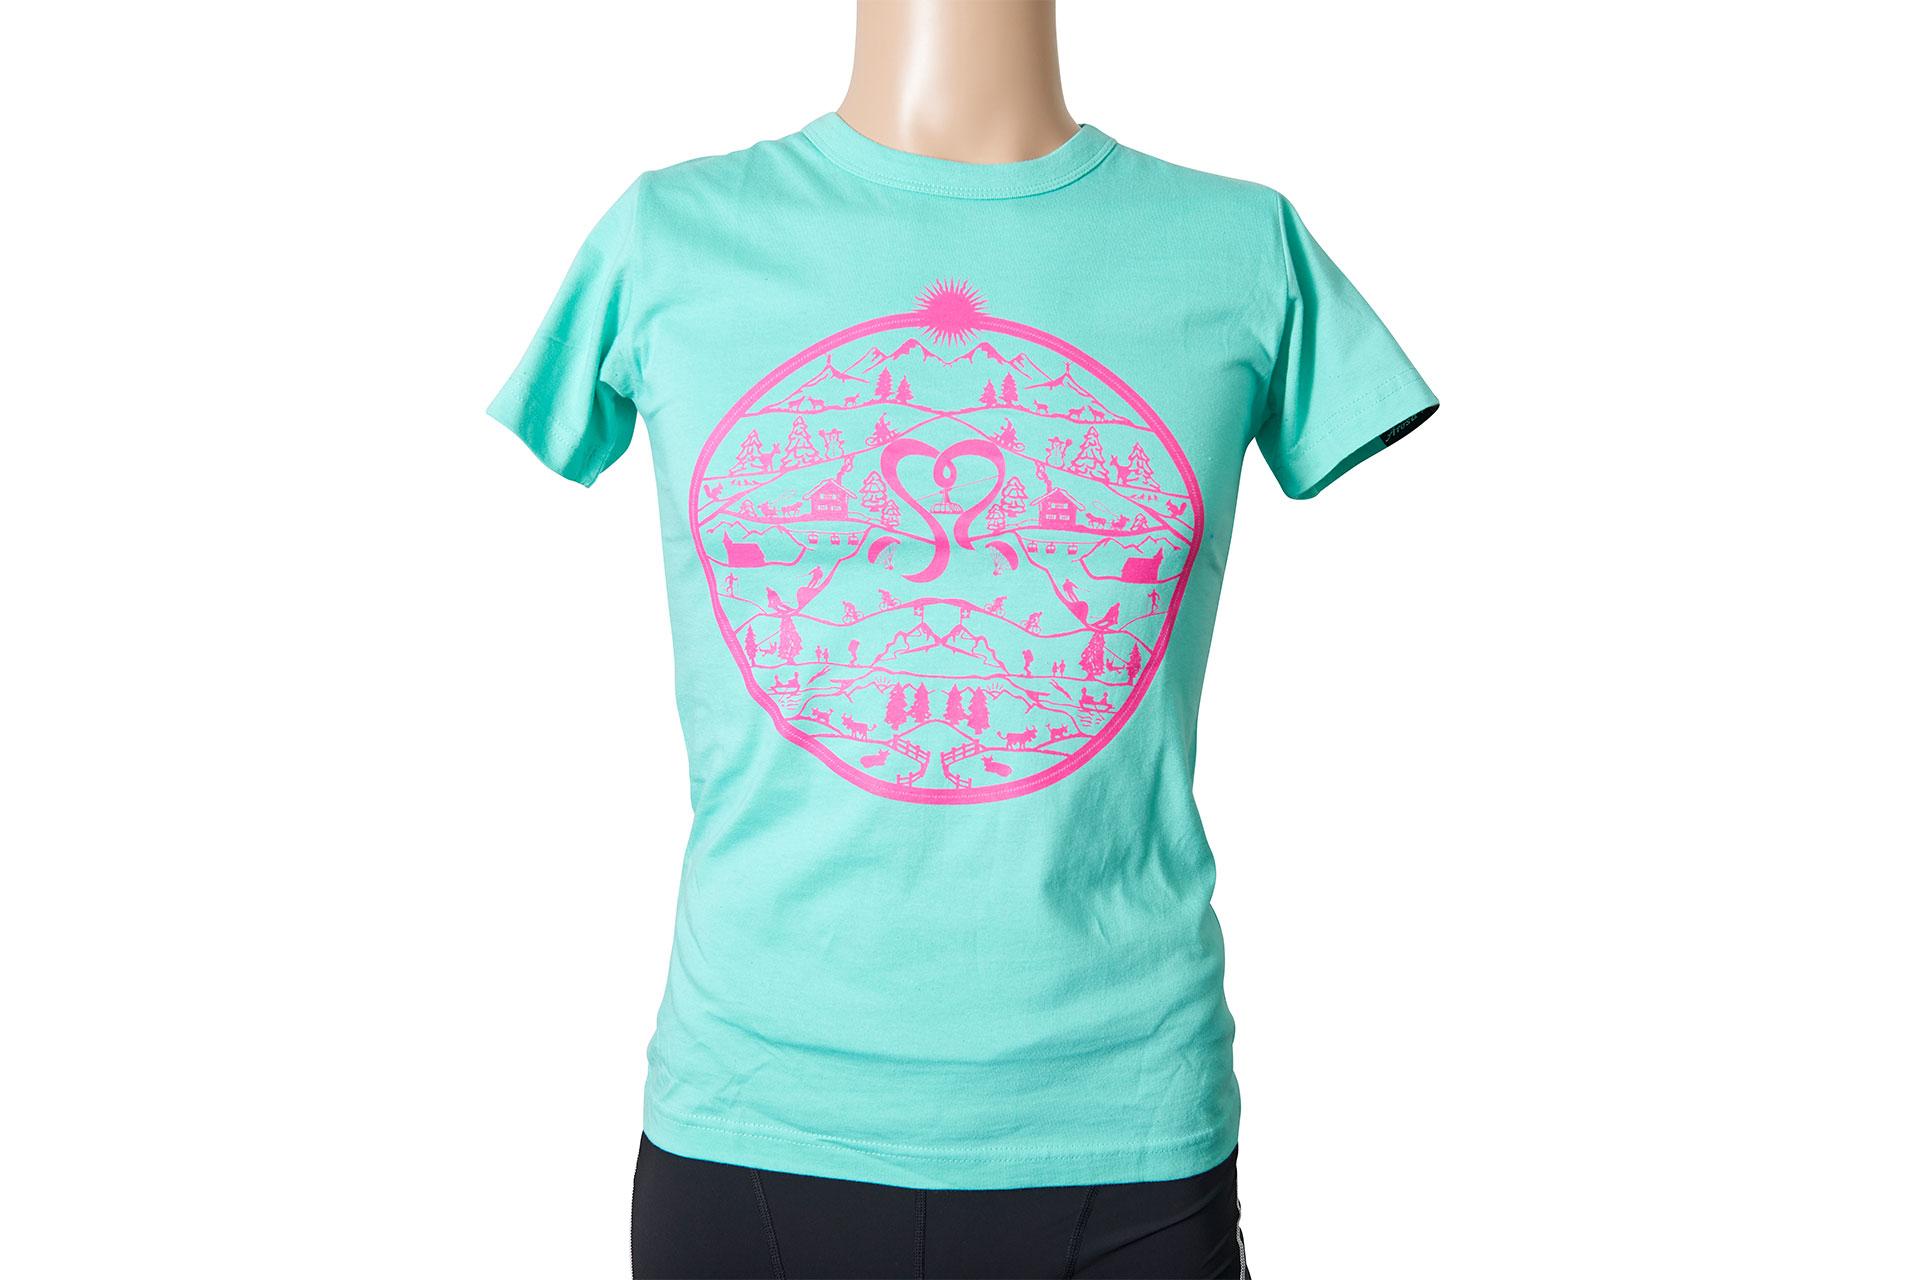 0c076a5f7ba59c T-Shirt Damen Mintgrün online bestellen - arosa.shop